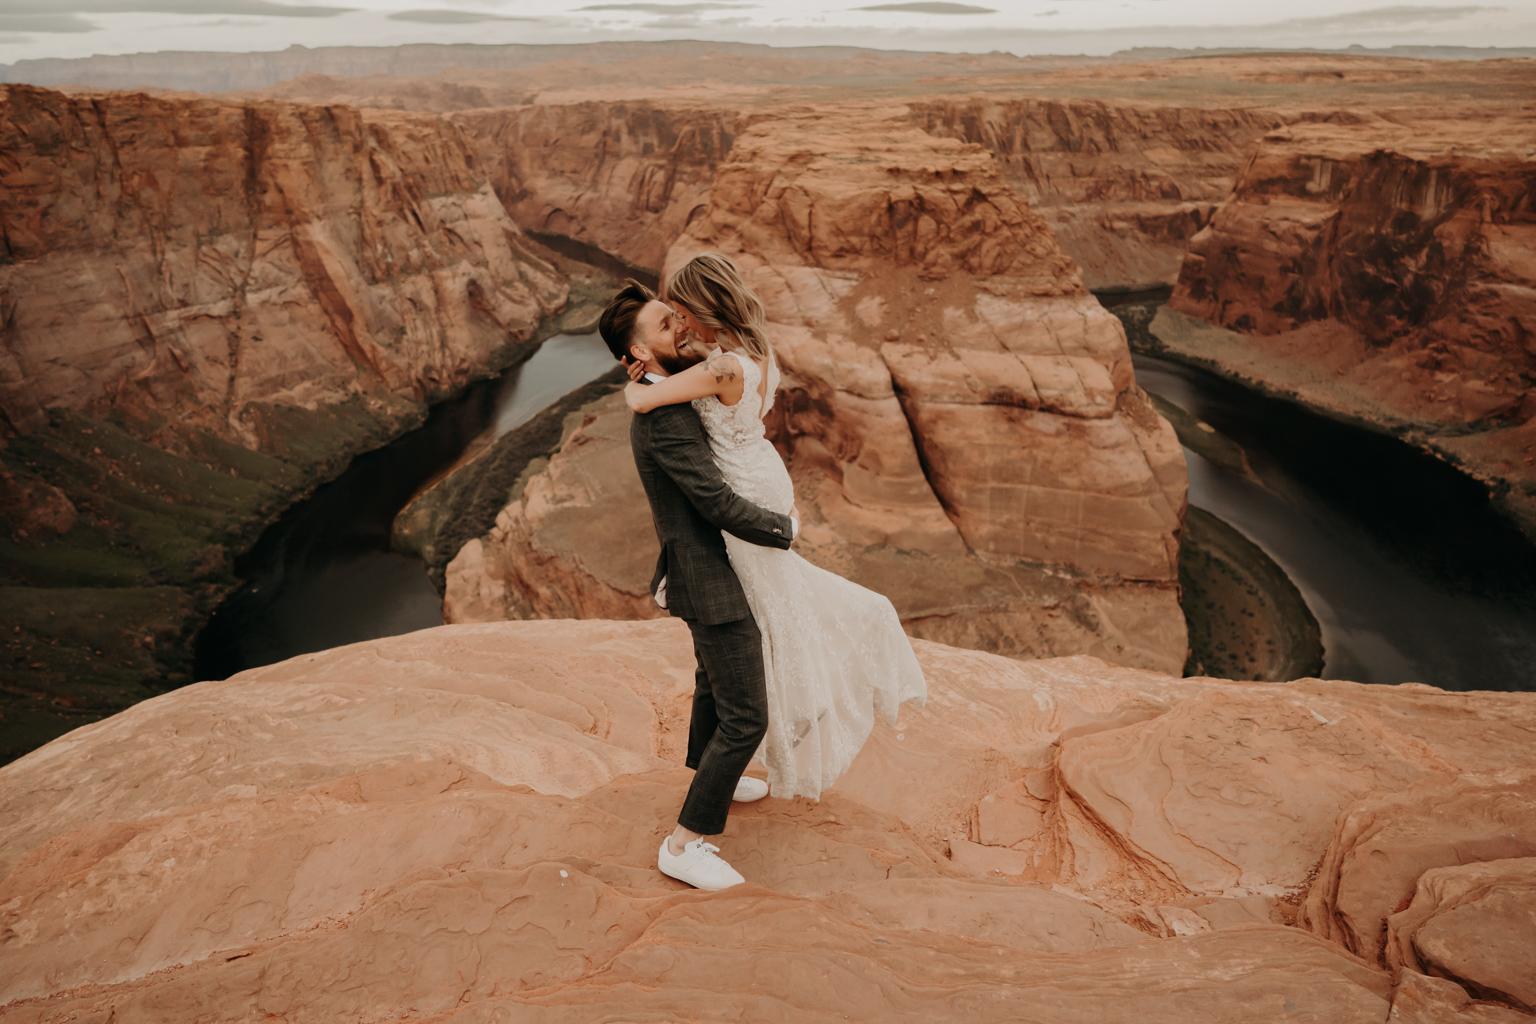 trouweninhetbuitenland_huwelijksfotografie_roxannedankers-2.jpg